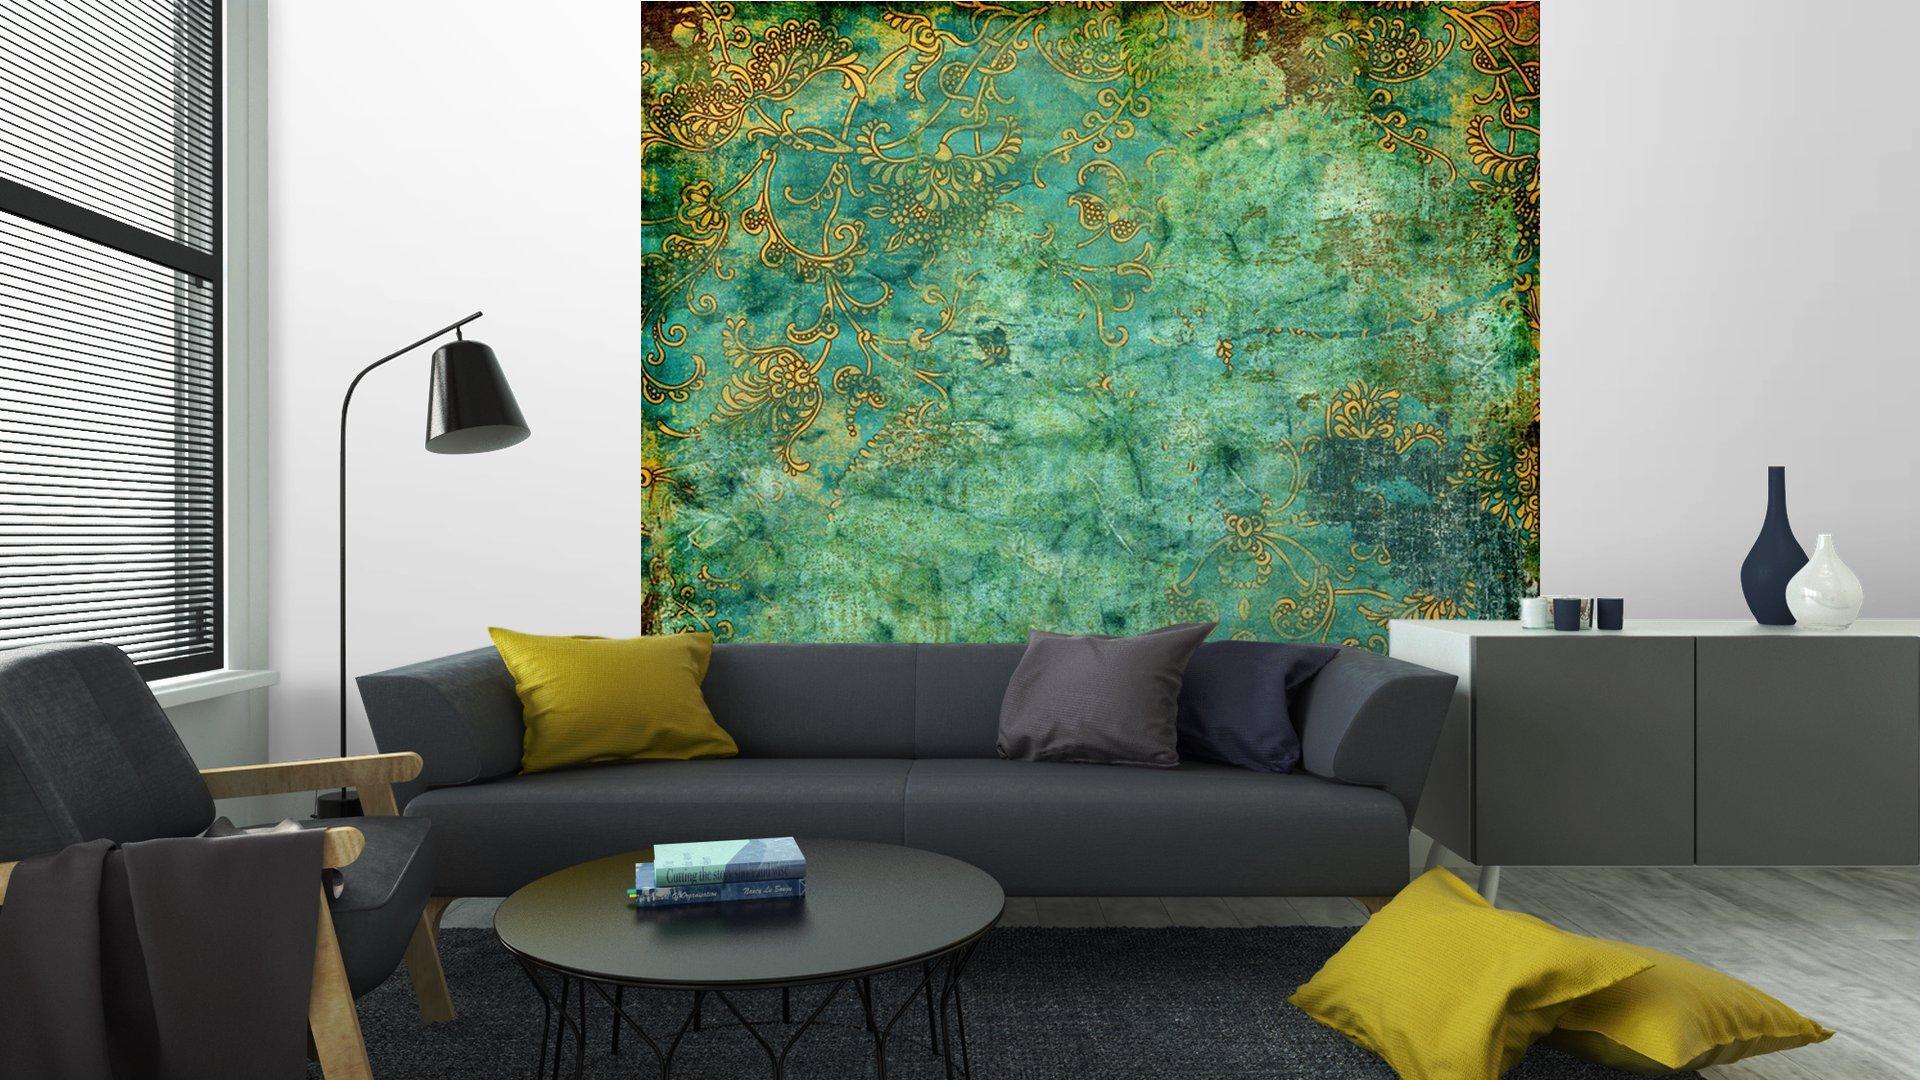 VERDE TEXTURA VENDIMIA OXIDADA5 - Fotomural Tapiz Verde con Textura Oxidada